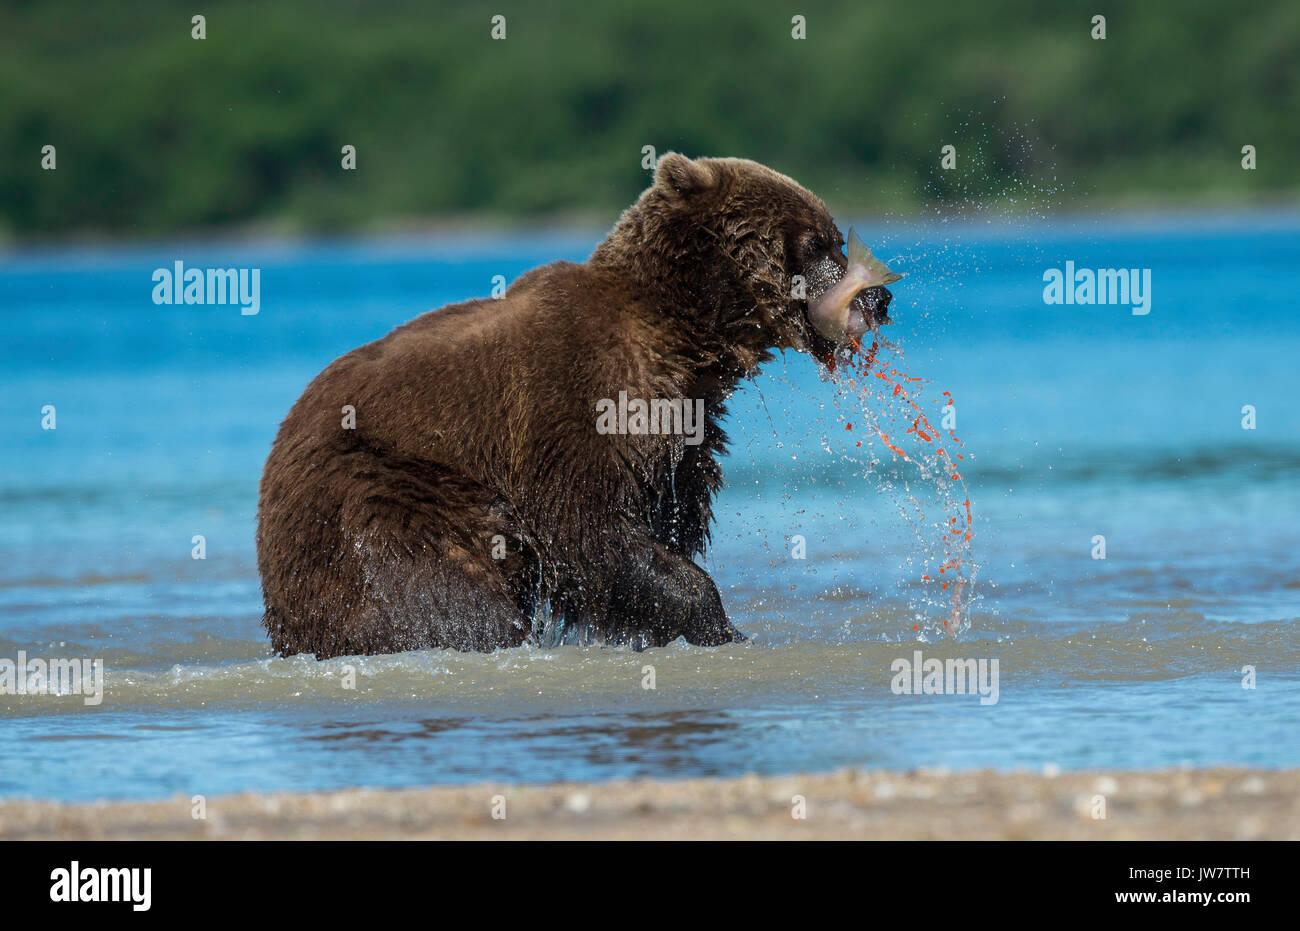 Huevas de pescado salmón sockeye puedan escapar de un tal como está siendo comido por un oso pardo, Kamchatka, Rusia. Imagen De Stock